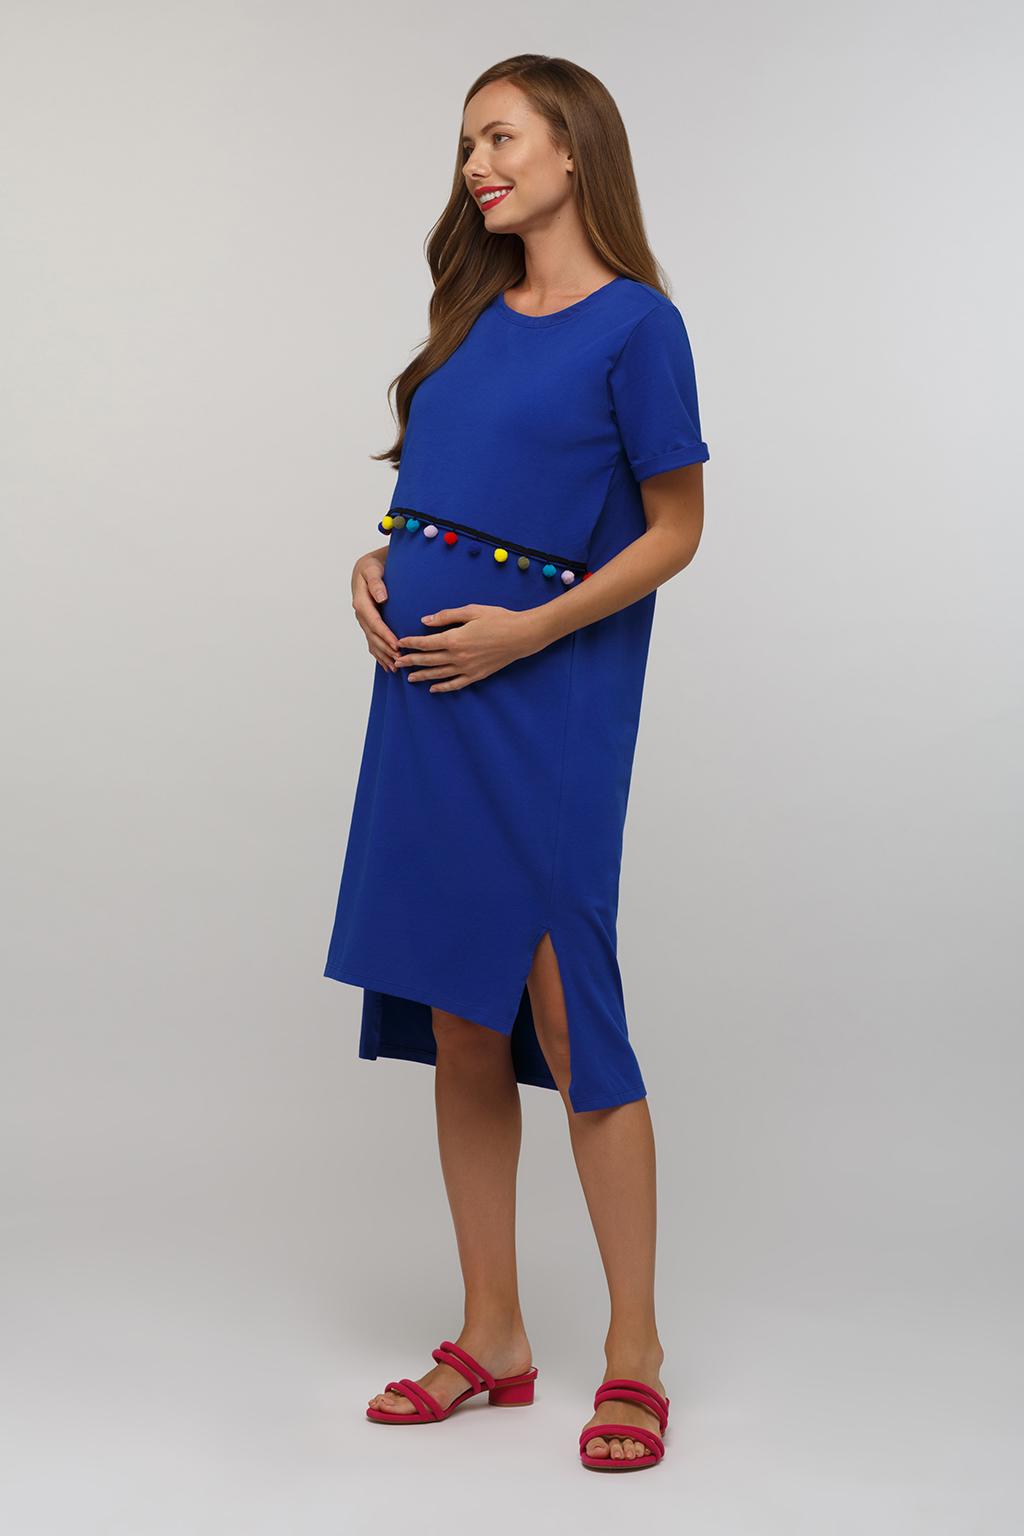 Платье-футболка для будущих и кормящих мам